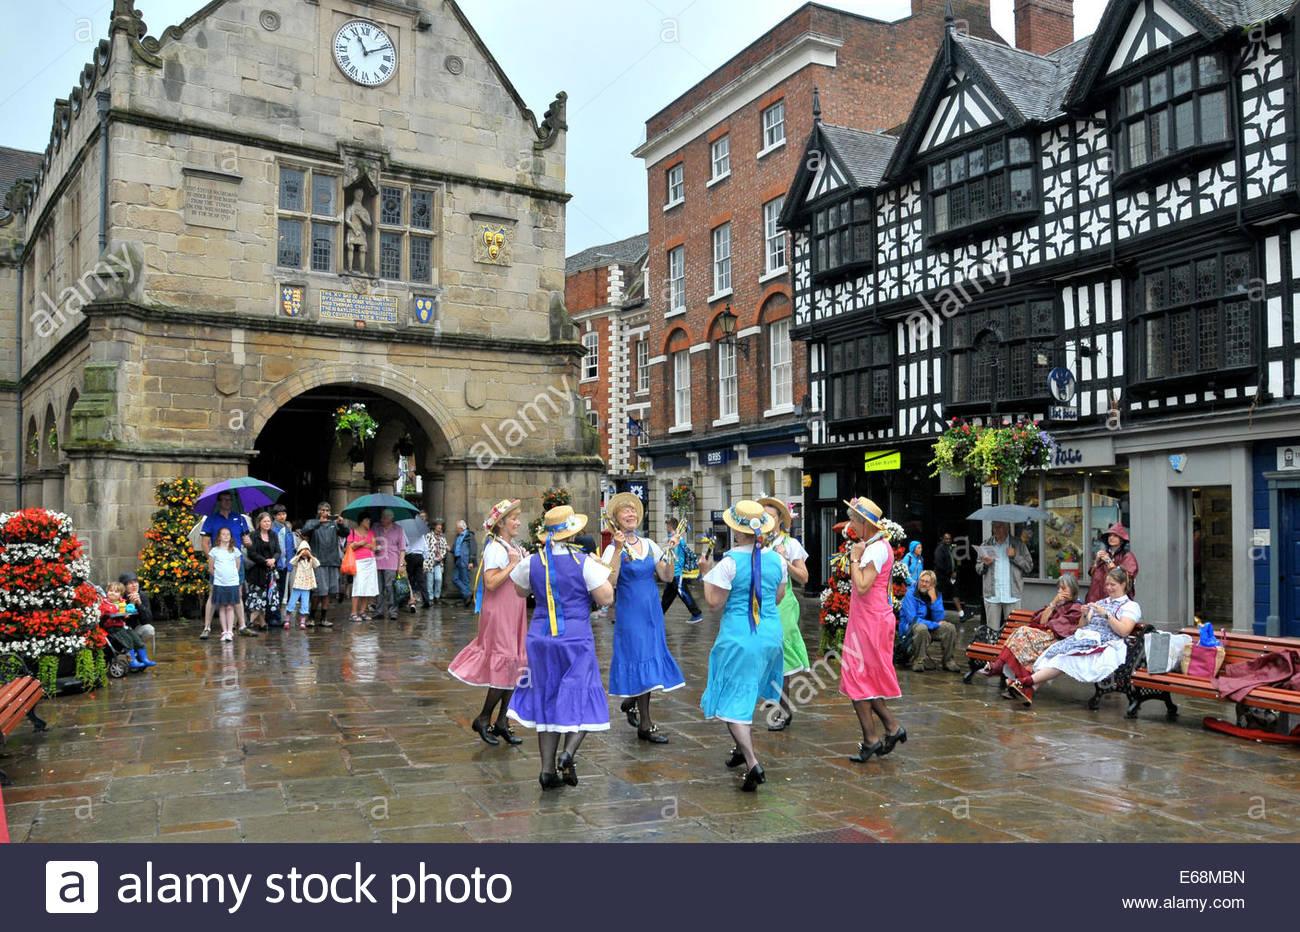 The Shrewsbury Lasses, Morris Dancing in the Square, Shrewsbury, Shroshire, UK - Stock Image